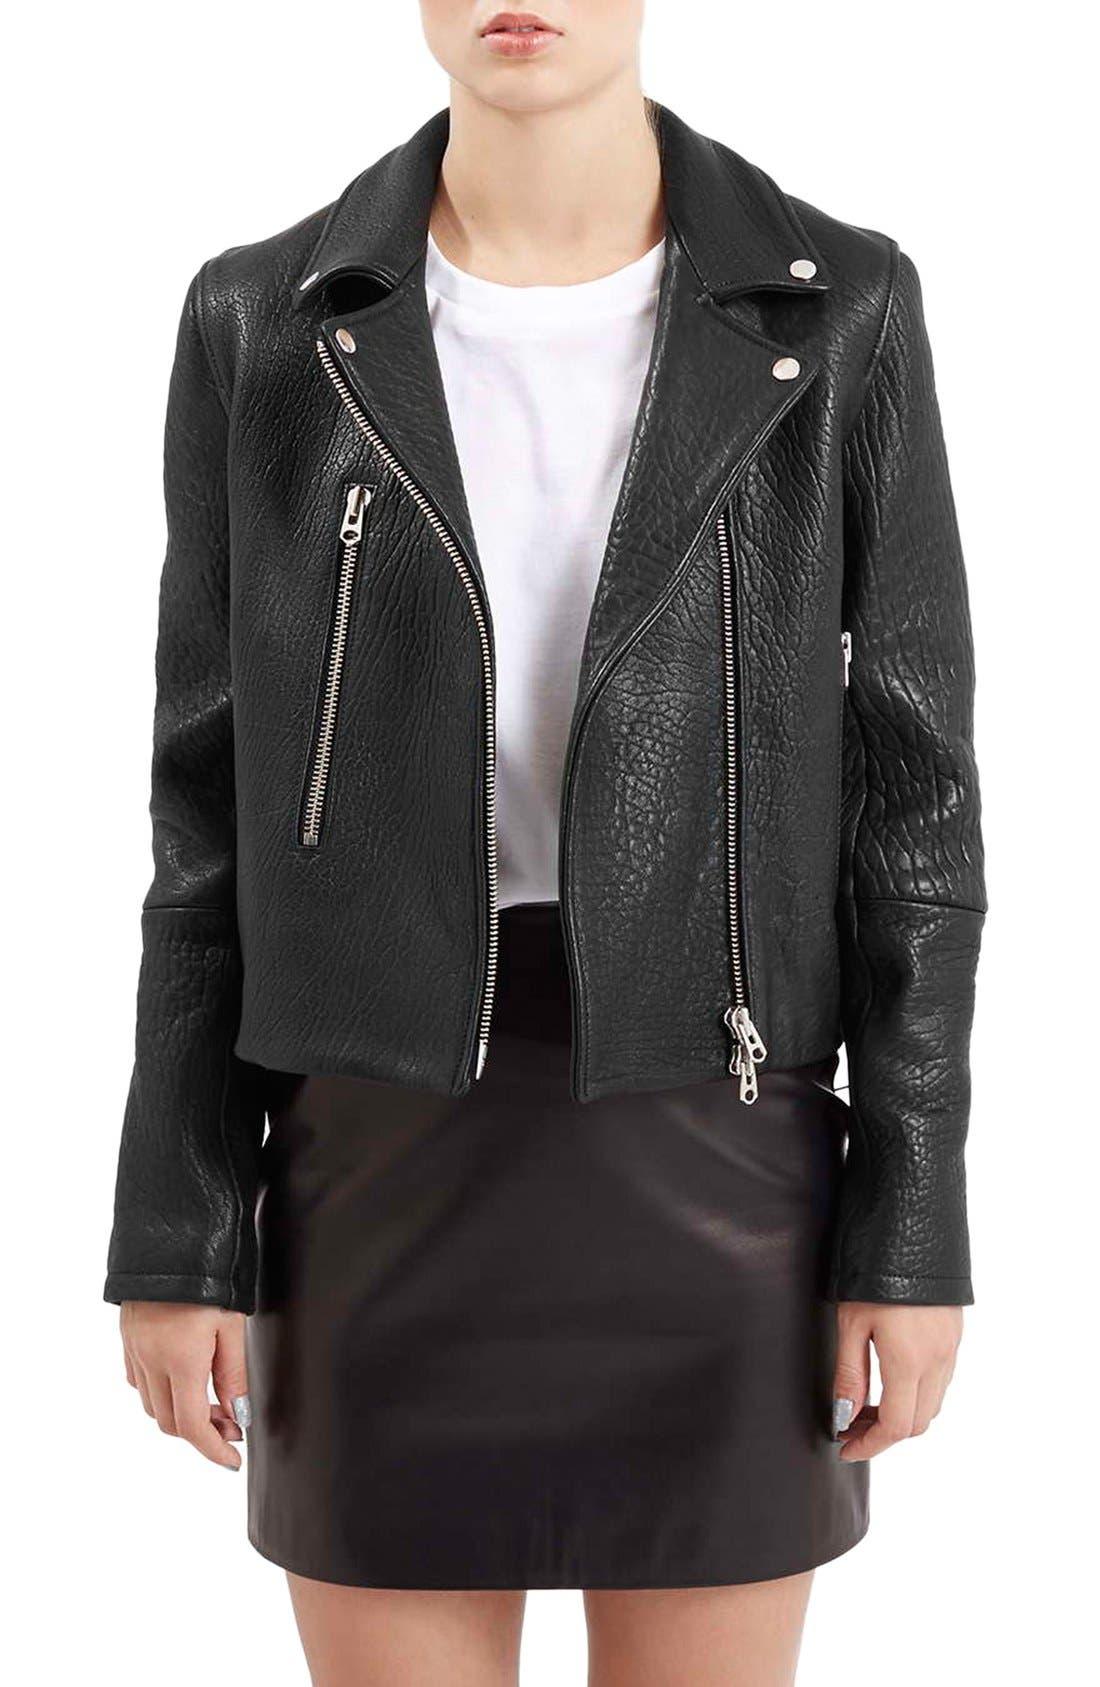 Alternate Image 1 Selected - Topshop Boutique Leather Biker Jacket